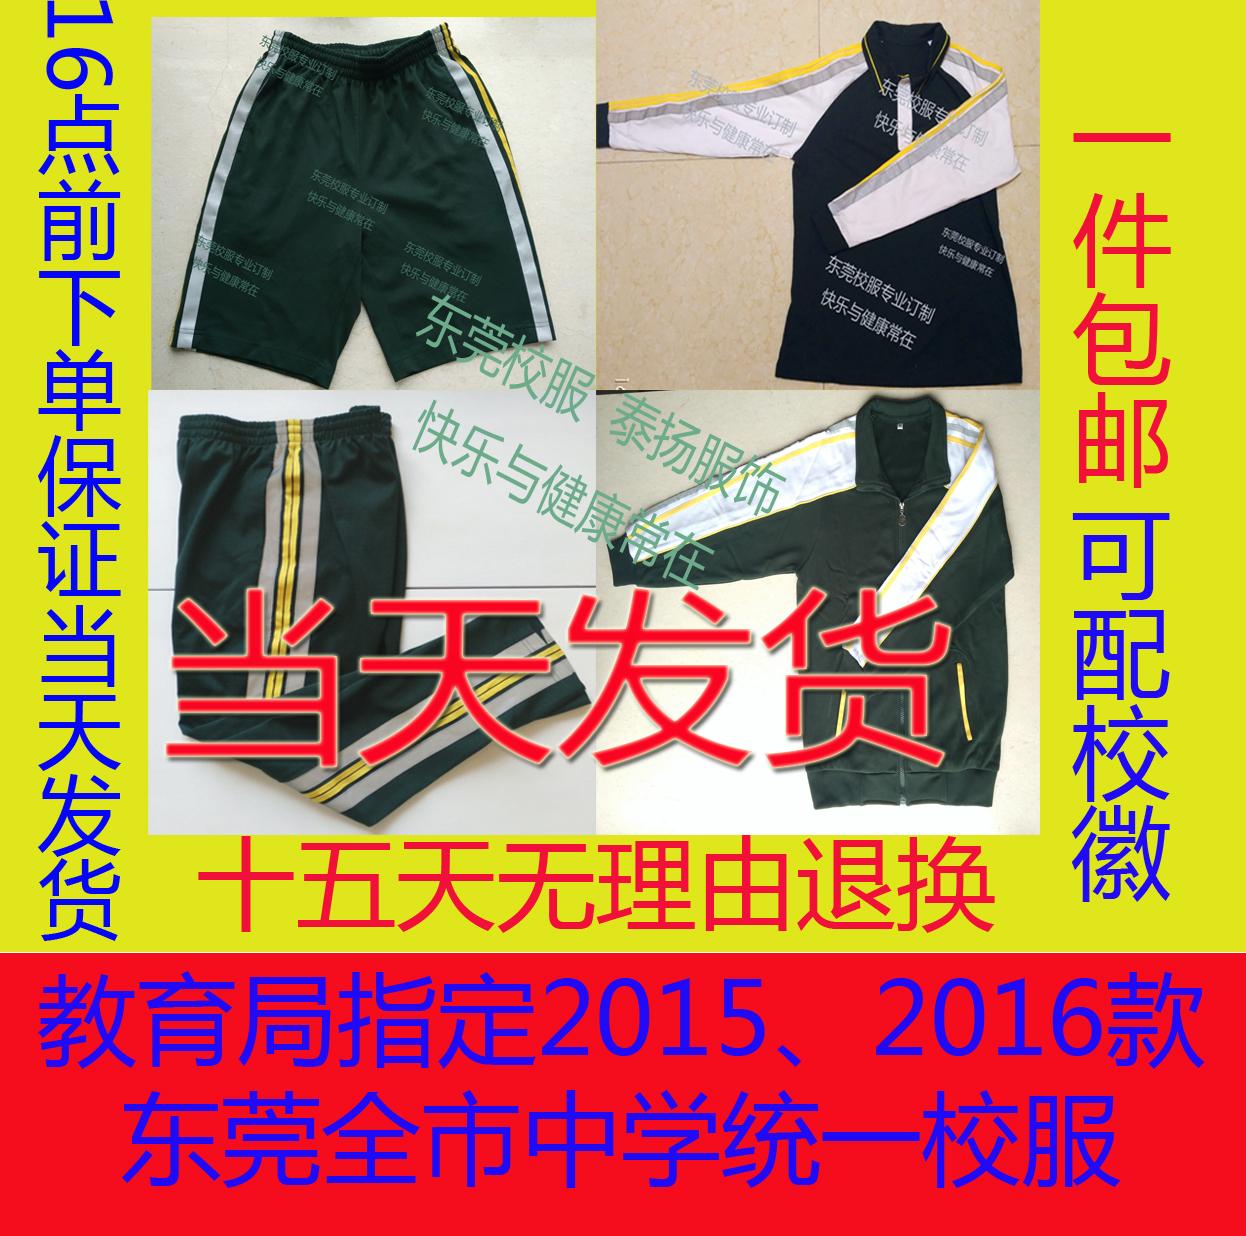 Товар в наличии Средняя школа младшего средней школы Dongguan высокая от 2015 до 2017 полностью Школьная форма унификации города, голубая лист . Болезненное качество cyanine